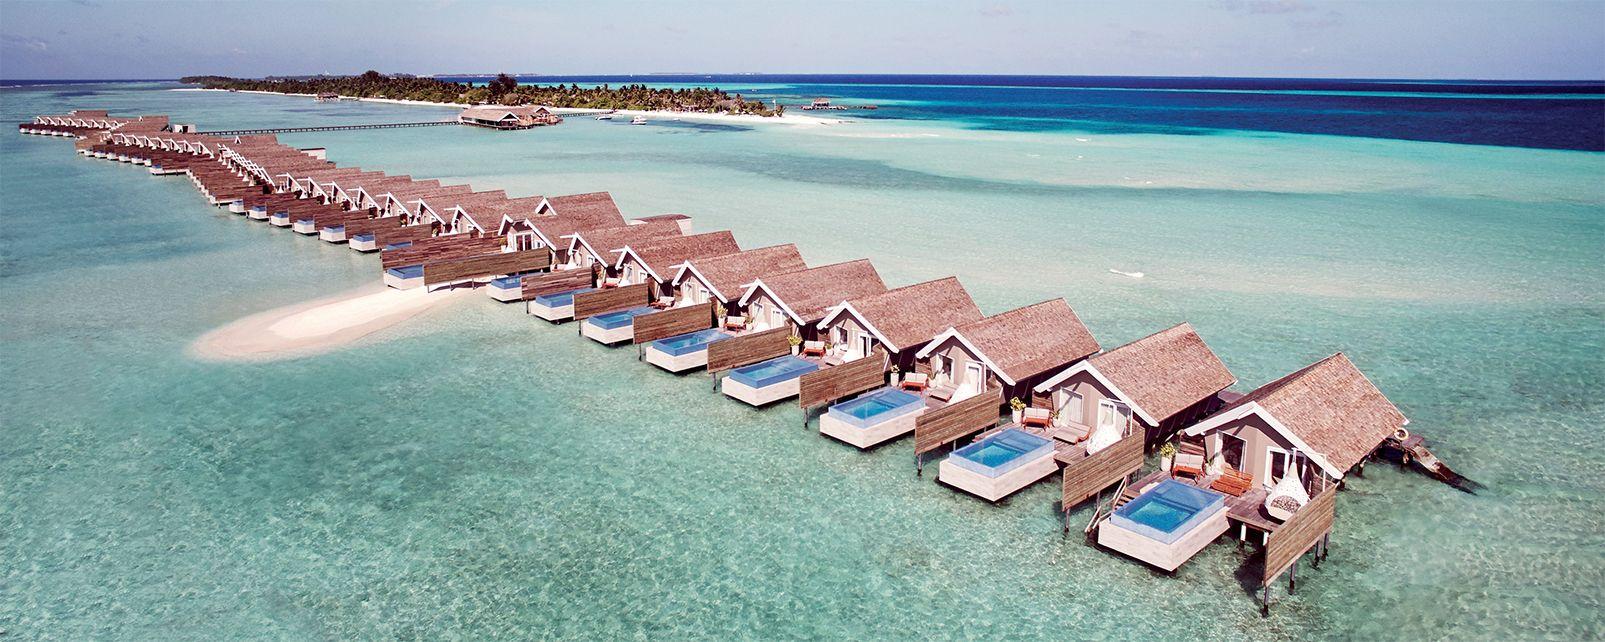 Hotel Lux Maldives